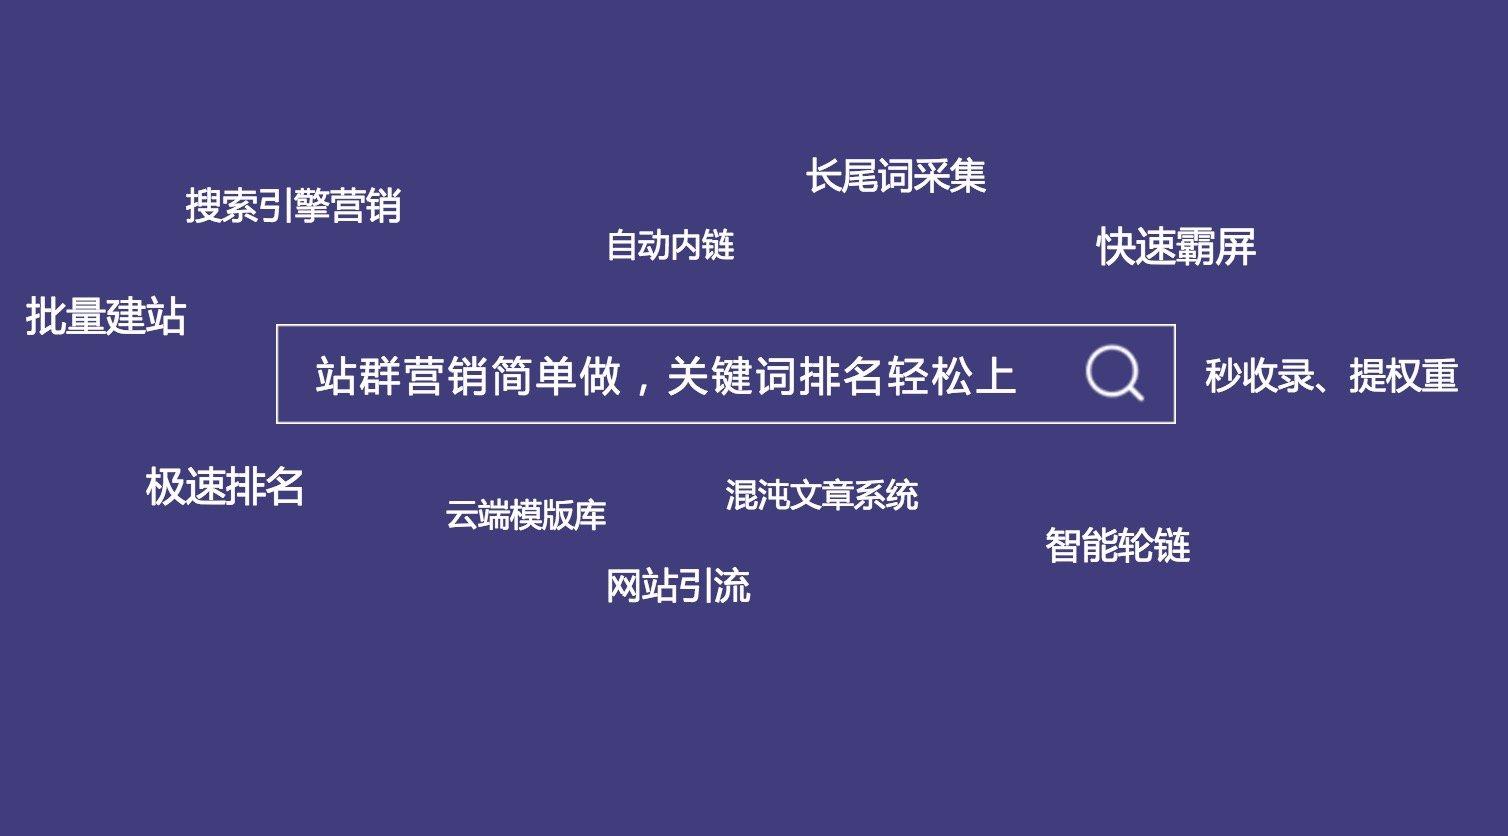 什么是站群服务器?站群服务器与普通服务器的区别